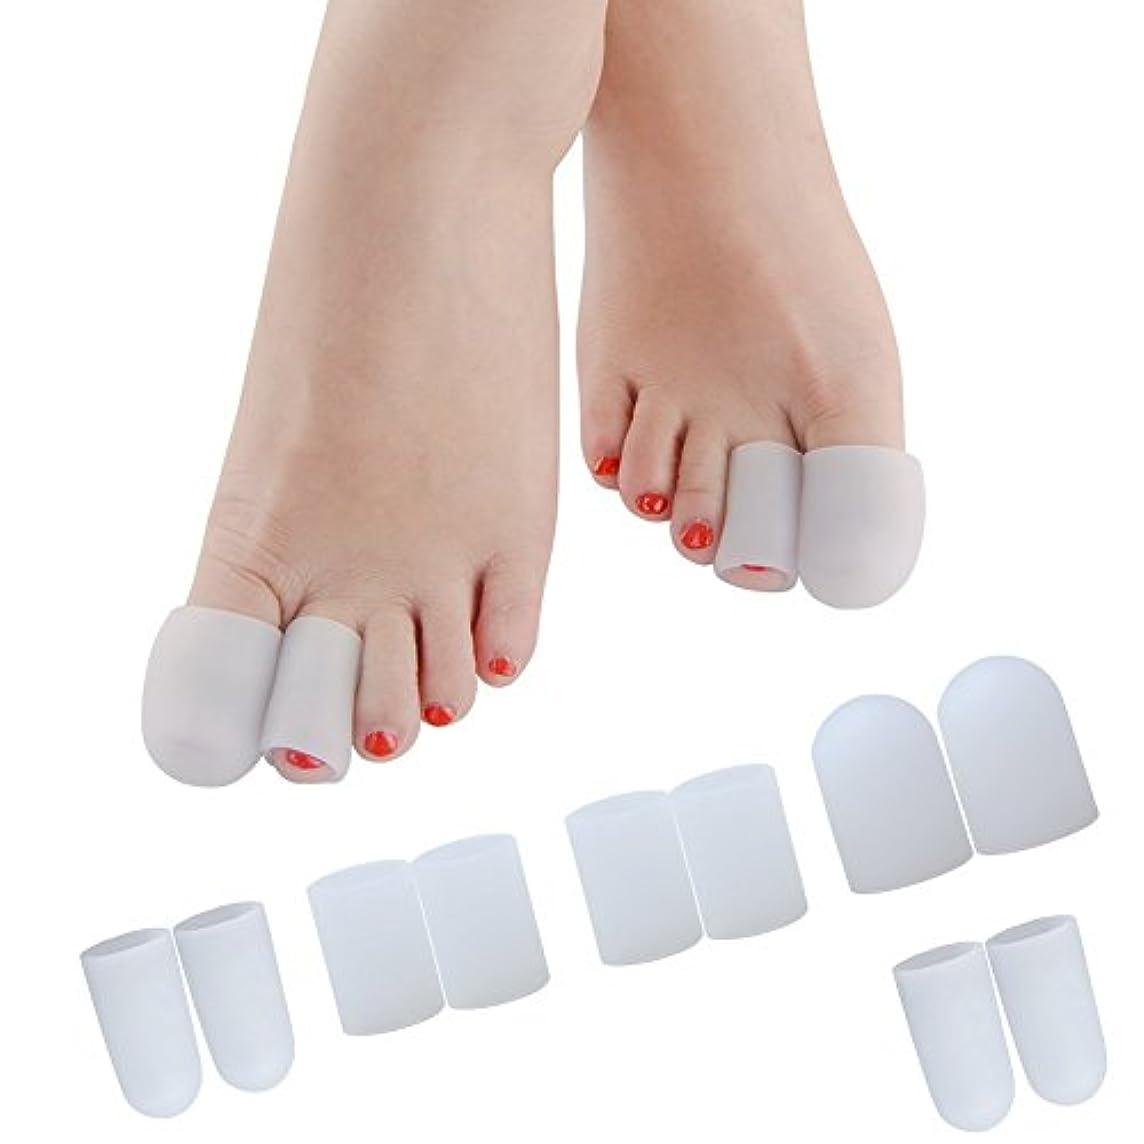 ジャーナル栄光の有彩色のPovihome 足指 足爪 保護キャップ 親指, 足先のつめ保護キャップ, つま先キャップ 白い 5ペア,足指保護キャップ